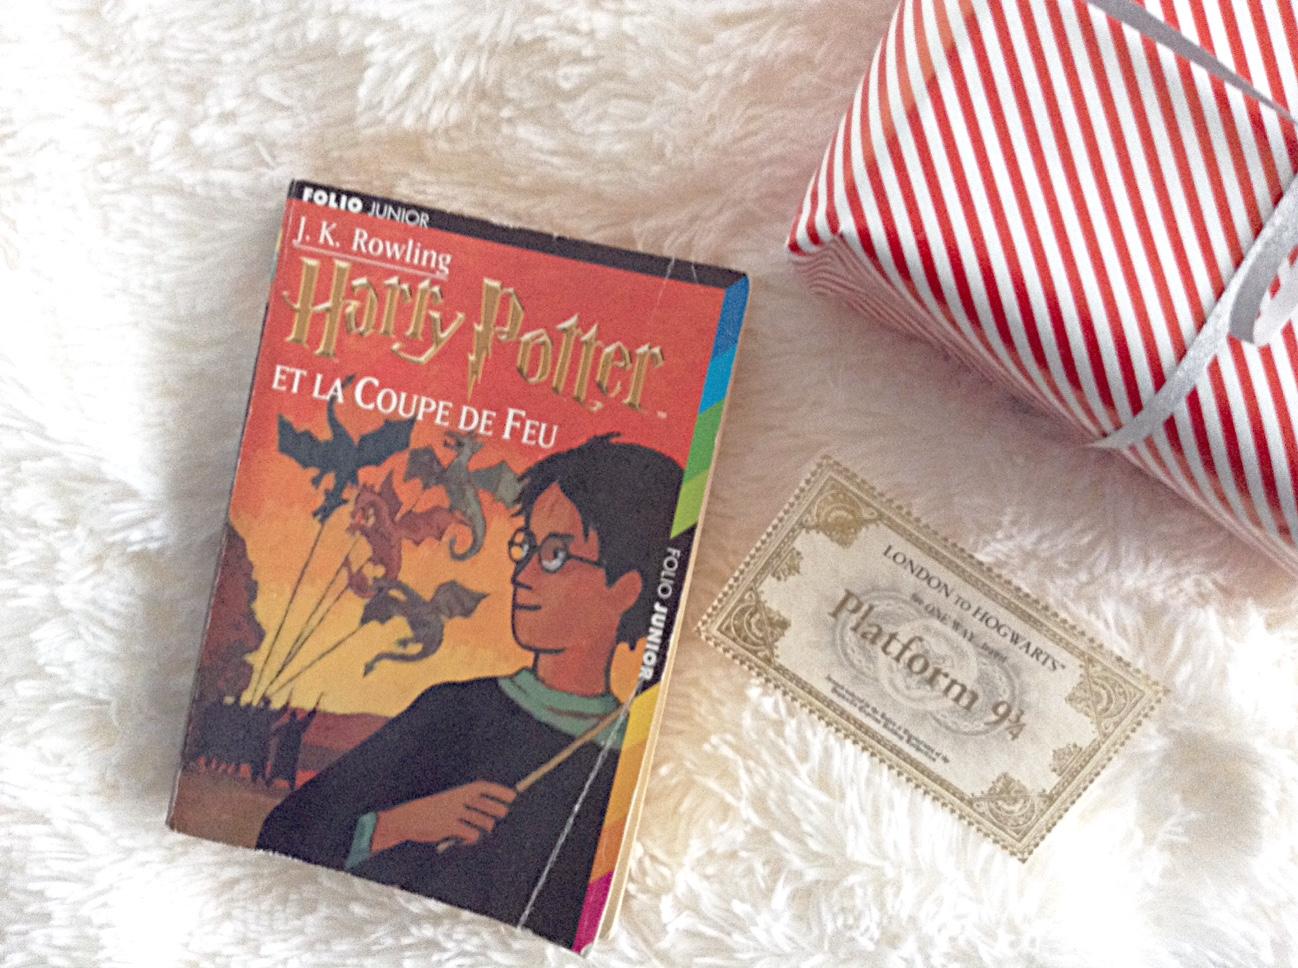 Harry potter et la coupe de feu des livres et mes envies - Harry potter et la coupe de feu livre en ligne ...